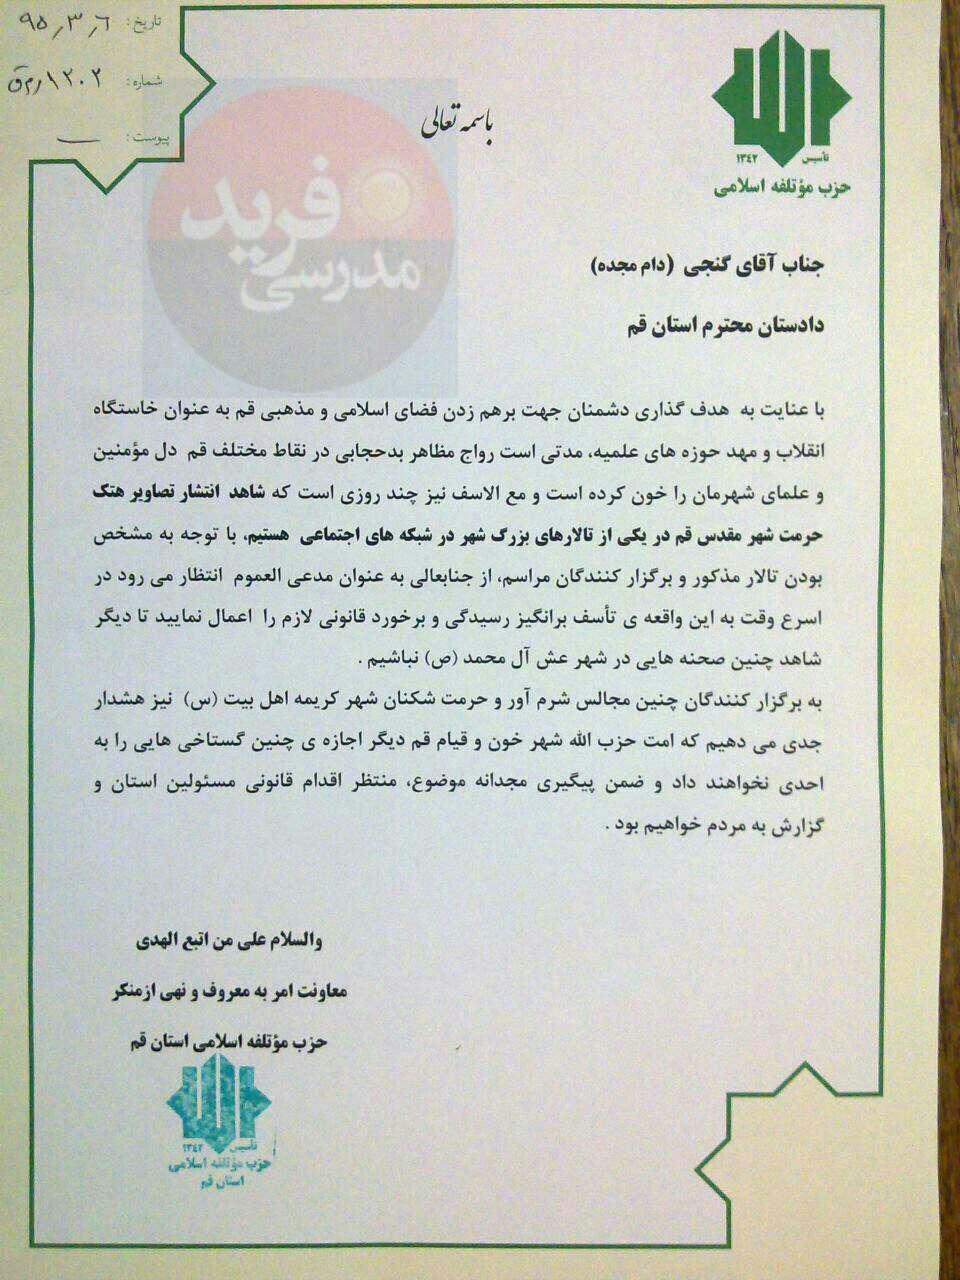 نامه حزب موتلفه علیه یک عروسی در قم + عکس